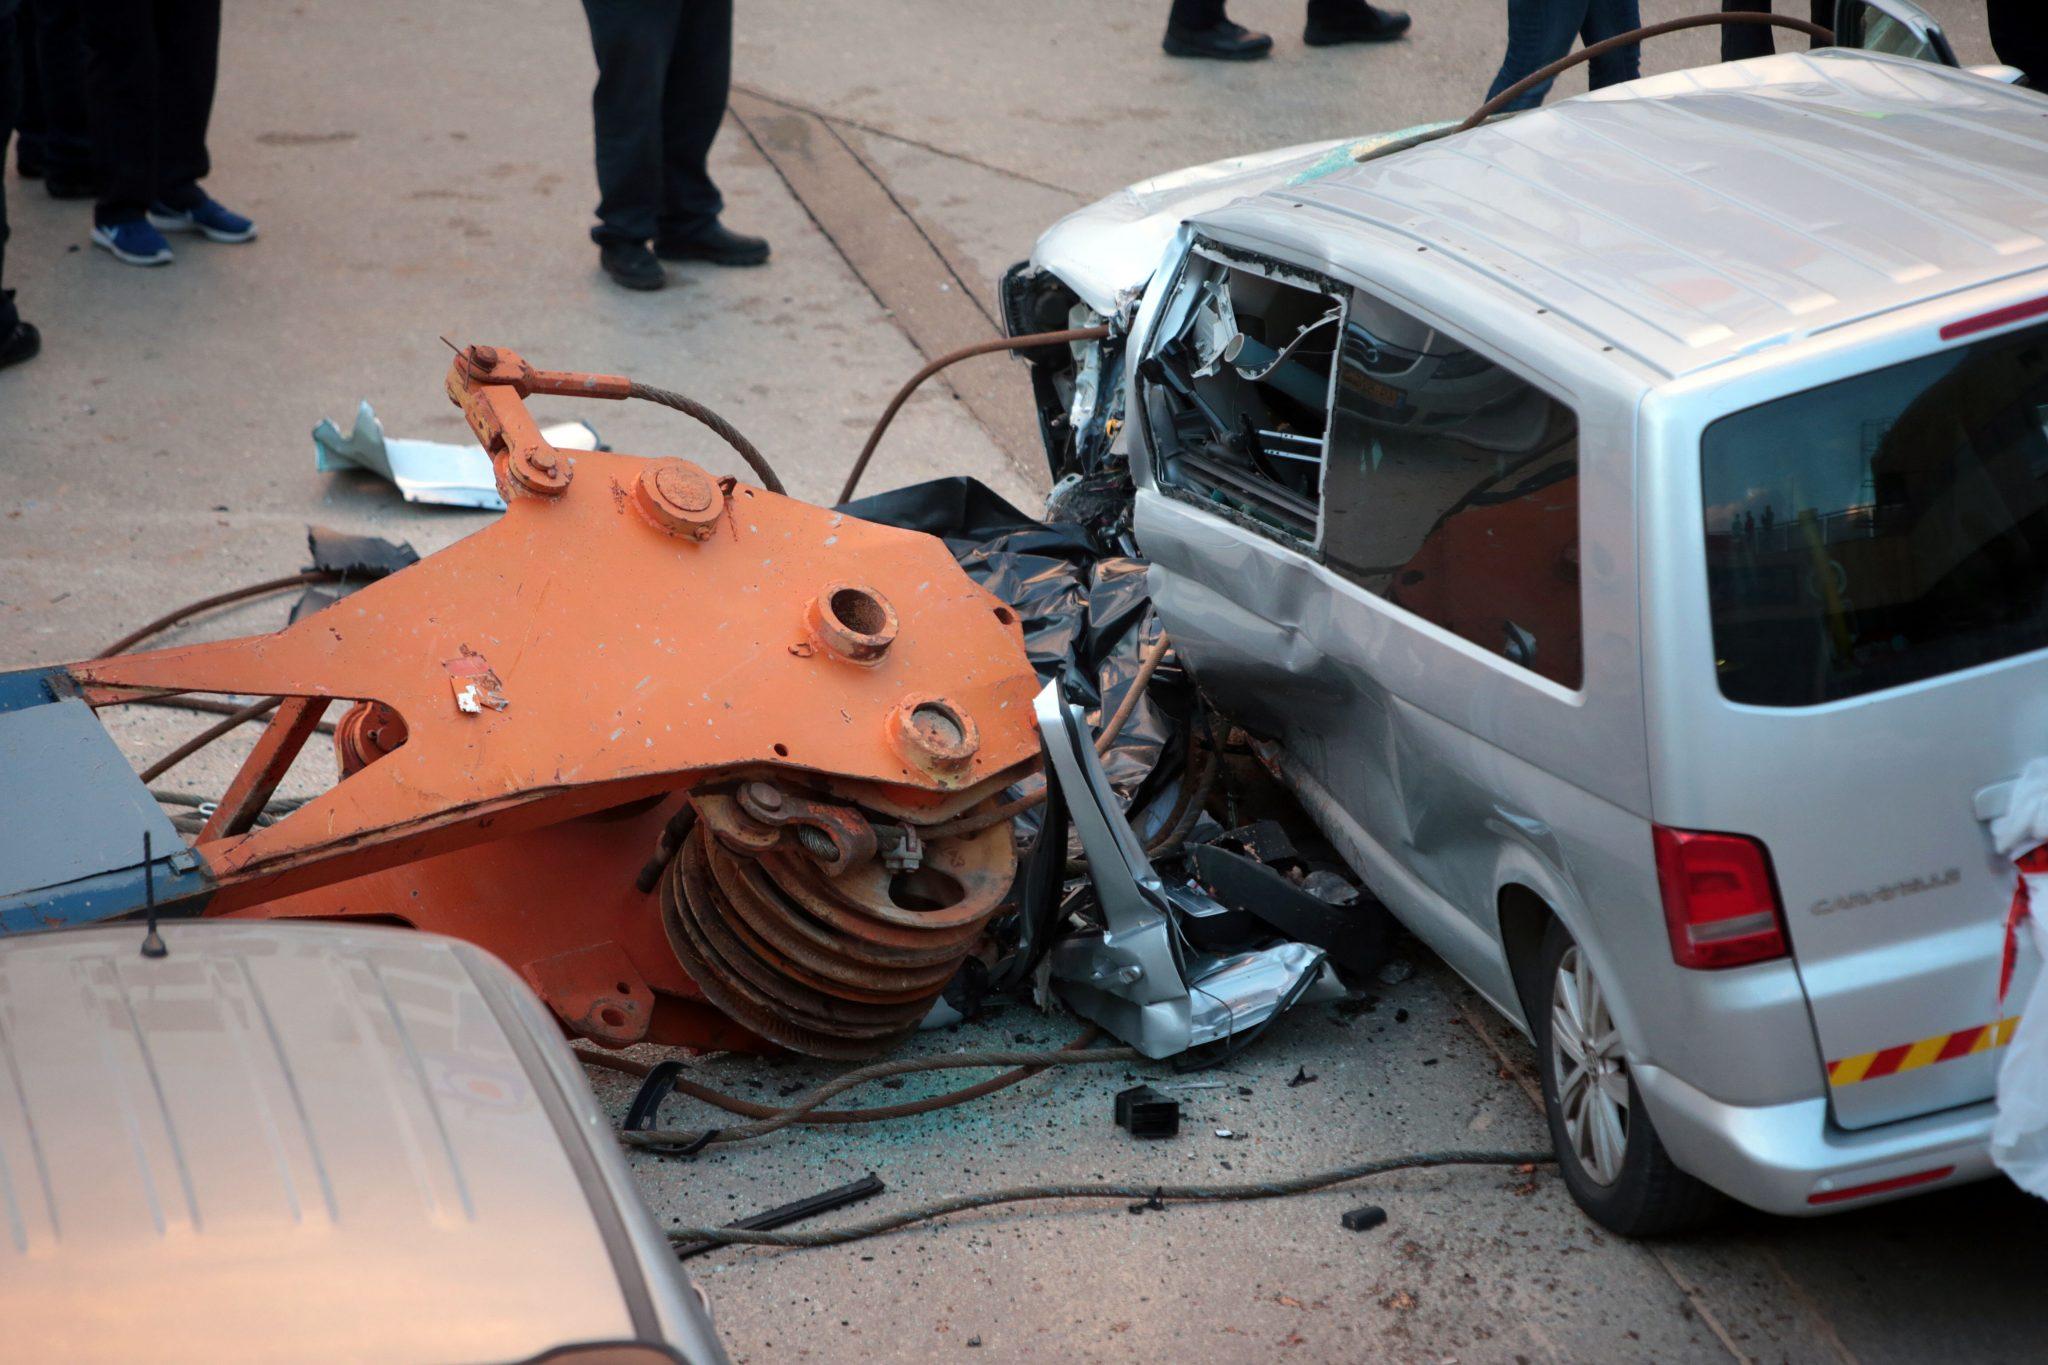 המשטרה מבקשת להאריך את מעצרו של המנופאי מאסון קריסת המנוף